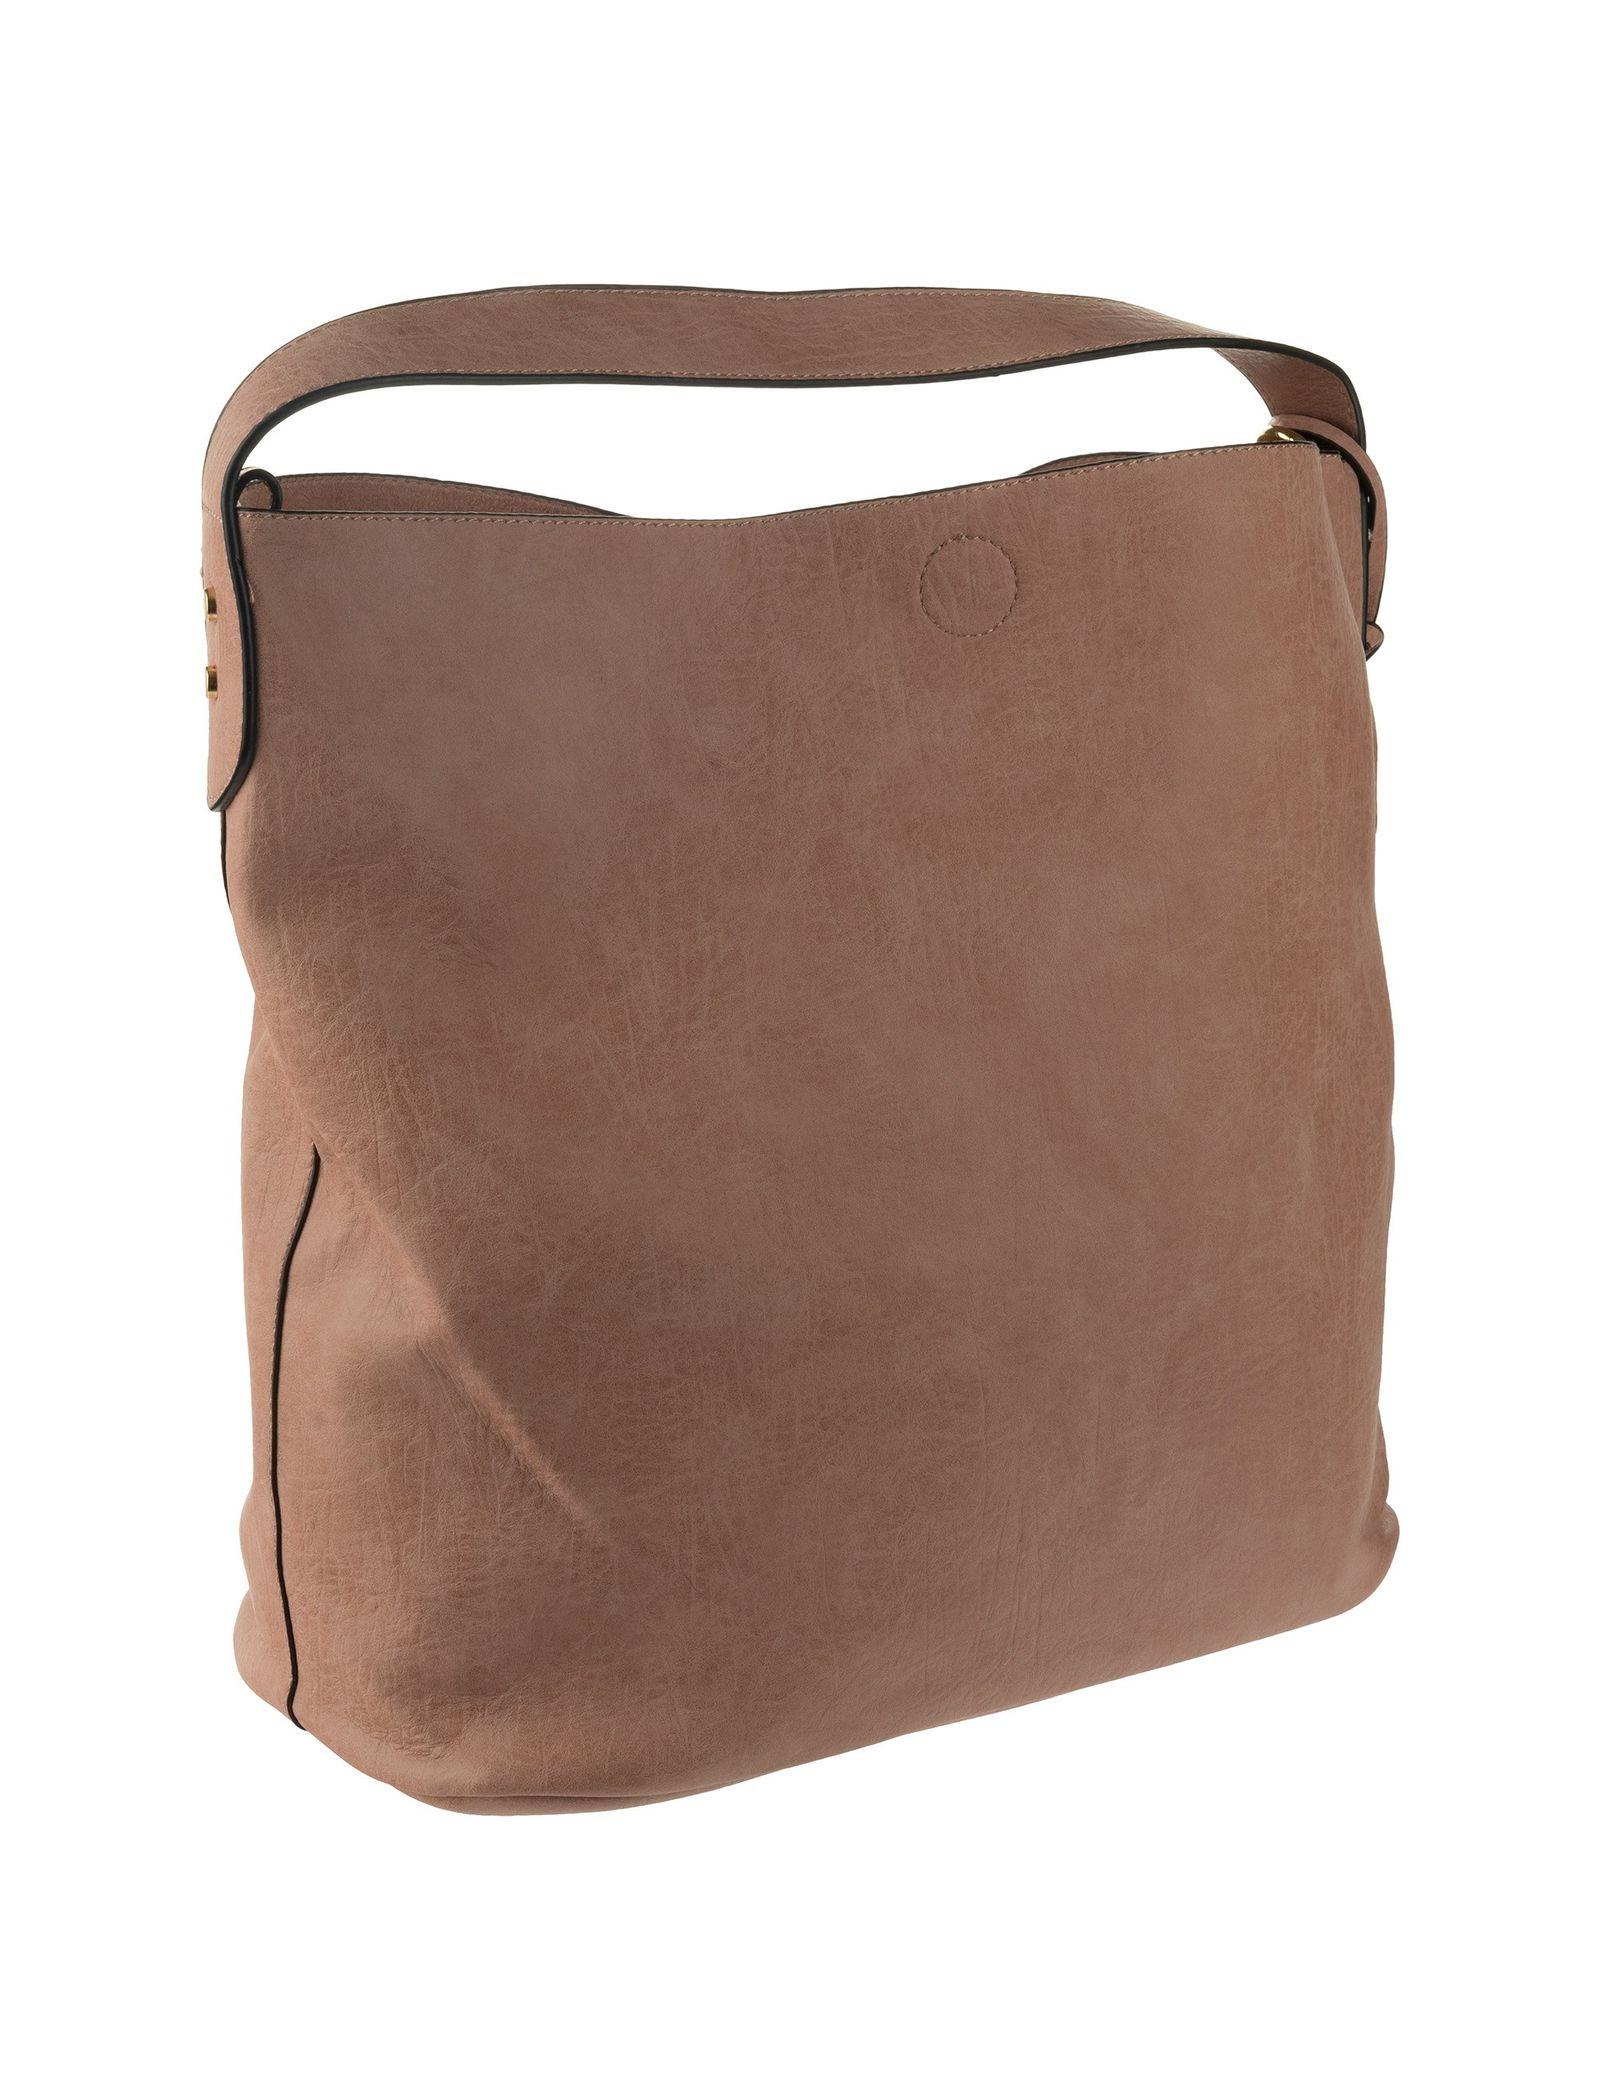 کیف دستی روزمره زنانه - دادلین تک سایز - صورتي - 6